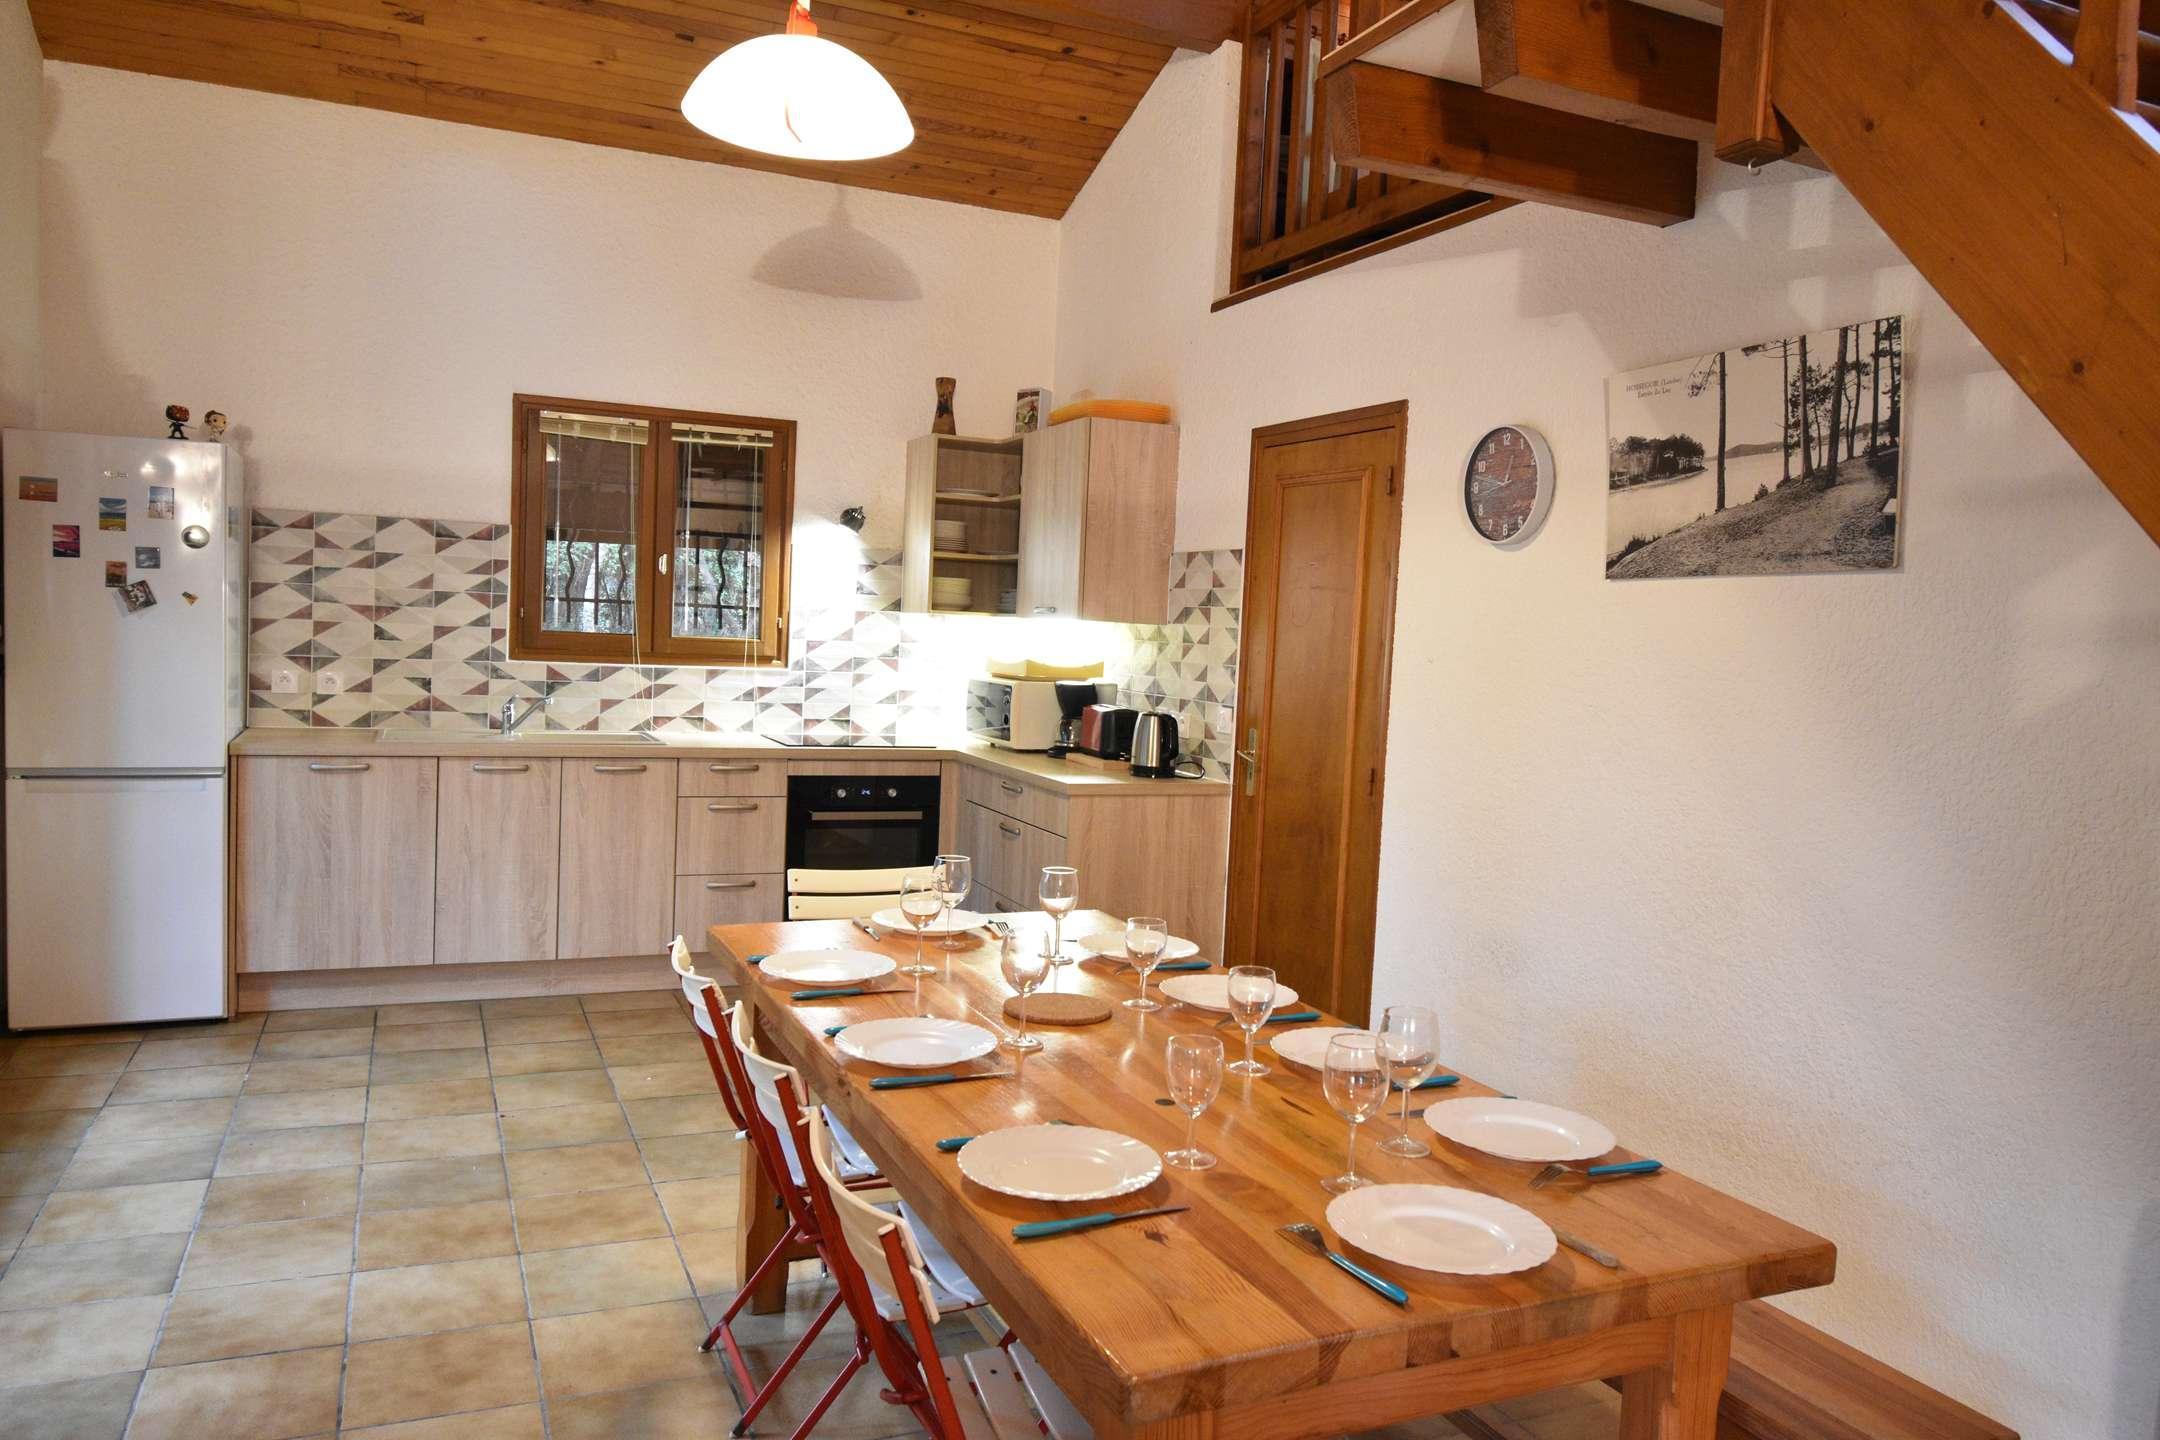 location de vacances à Seignosse ref:0306